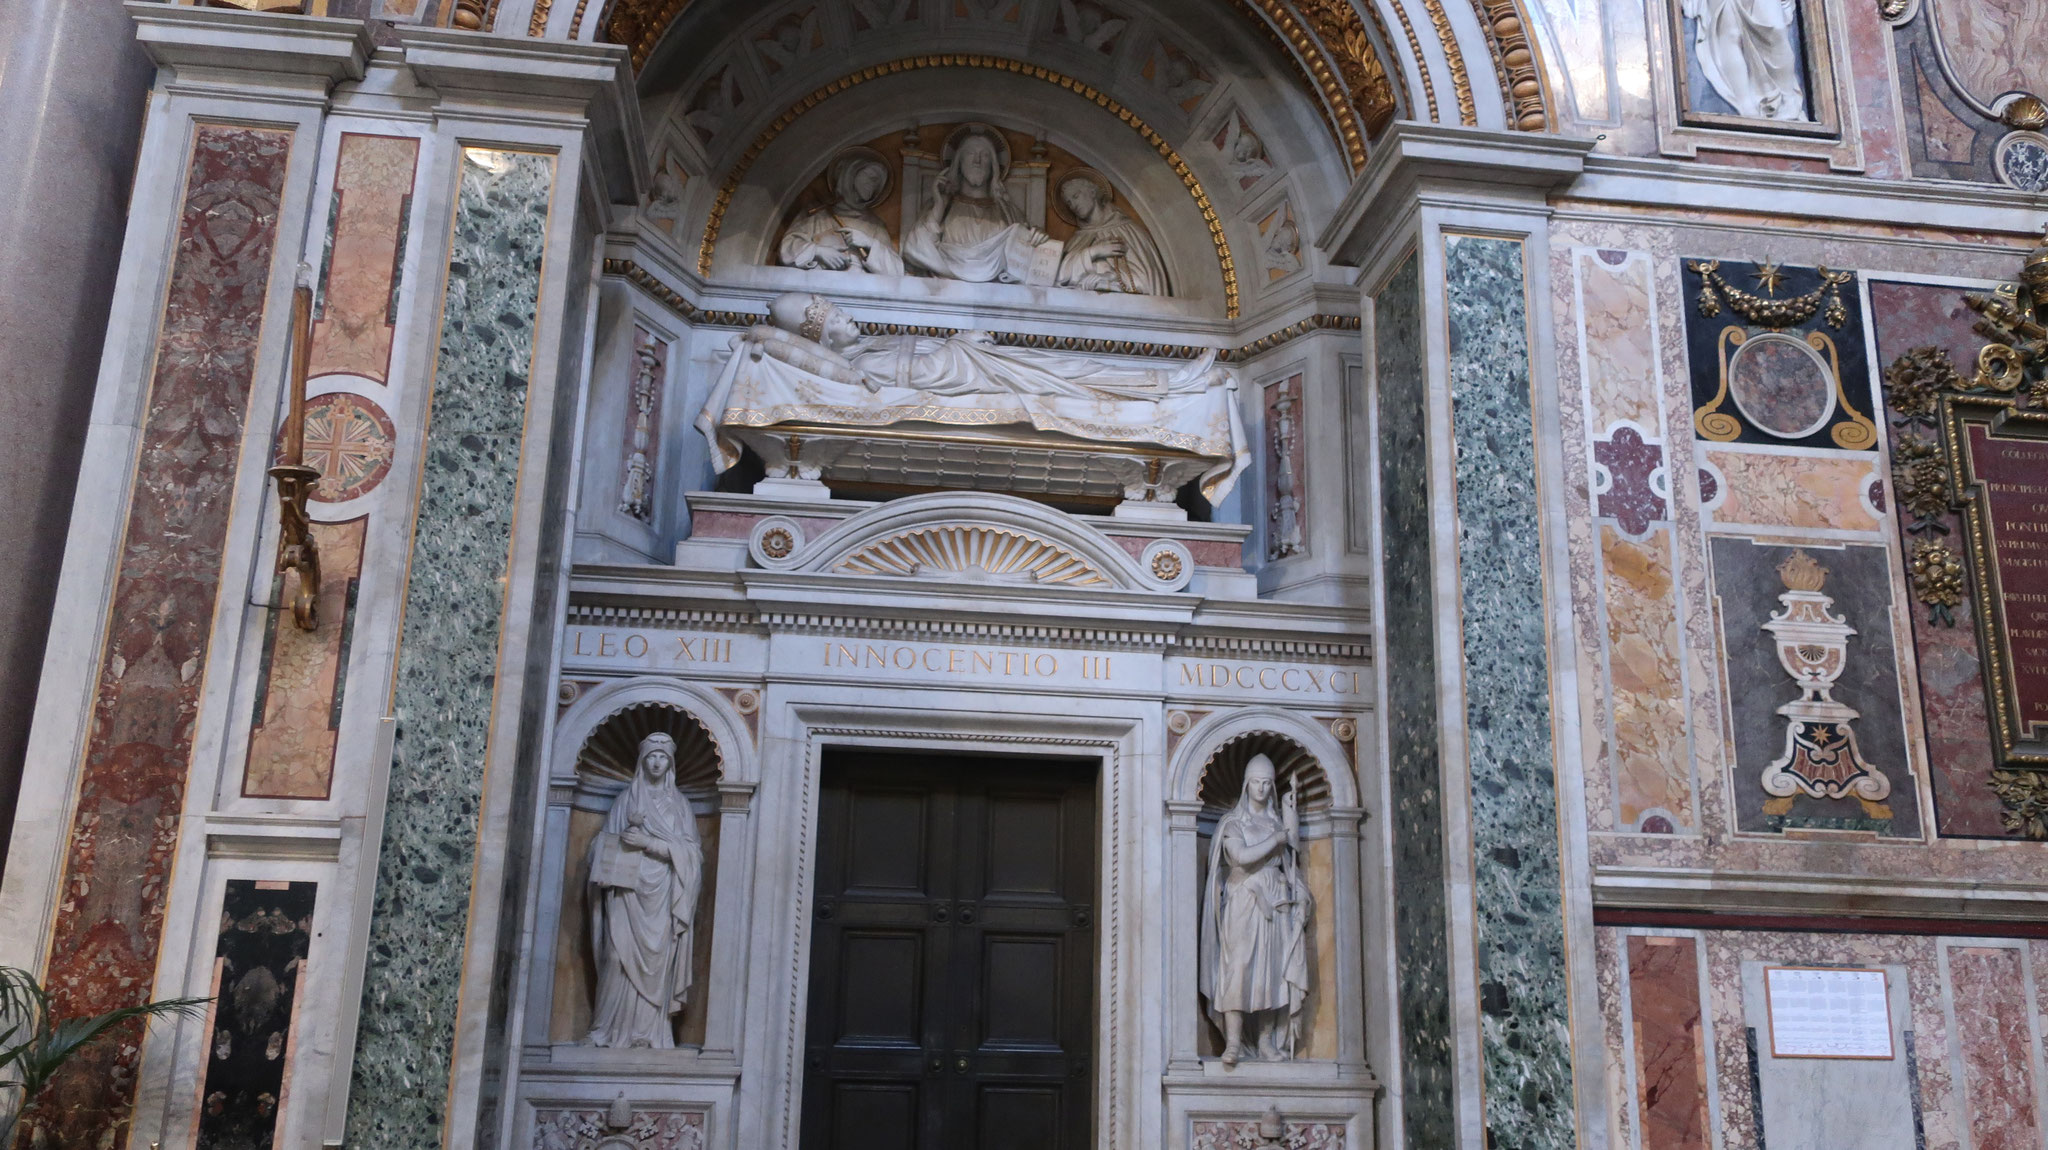 インノケンティウス3世。12-13世紀、教皇権全盛期時代の教皇で、西欧諸国の政治に介入した事で有名。